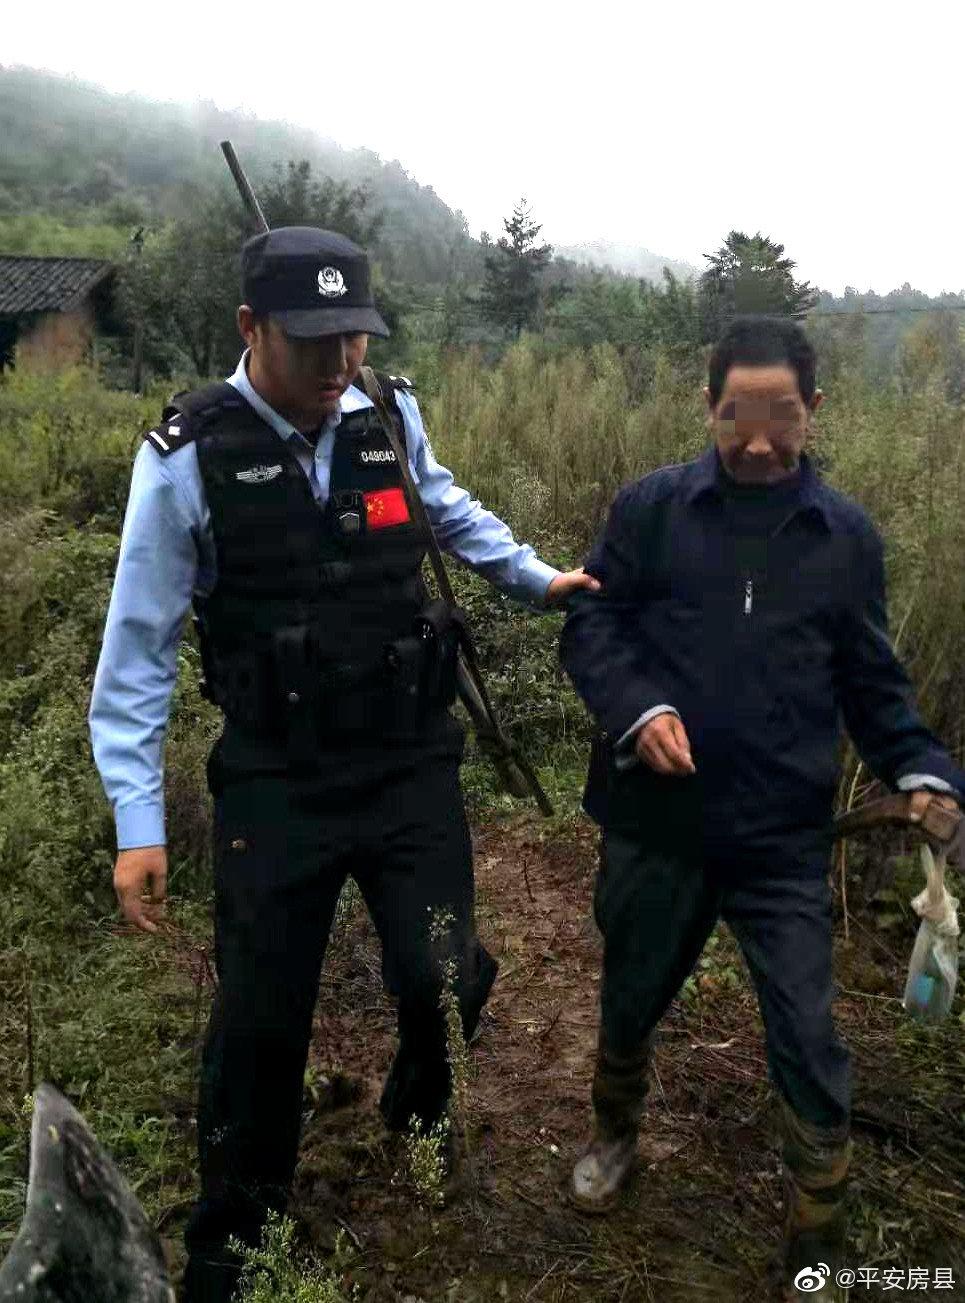 村民私藏枪支涉嫌违法犯罪。20日